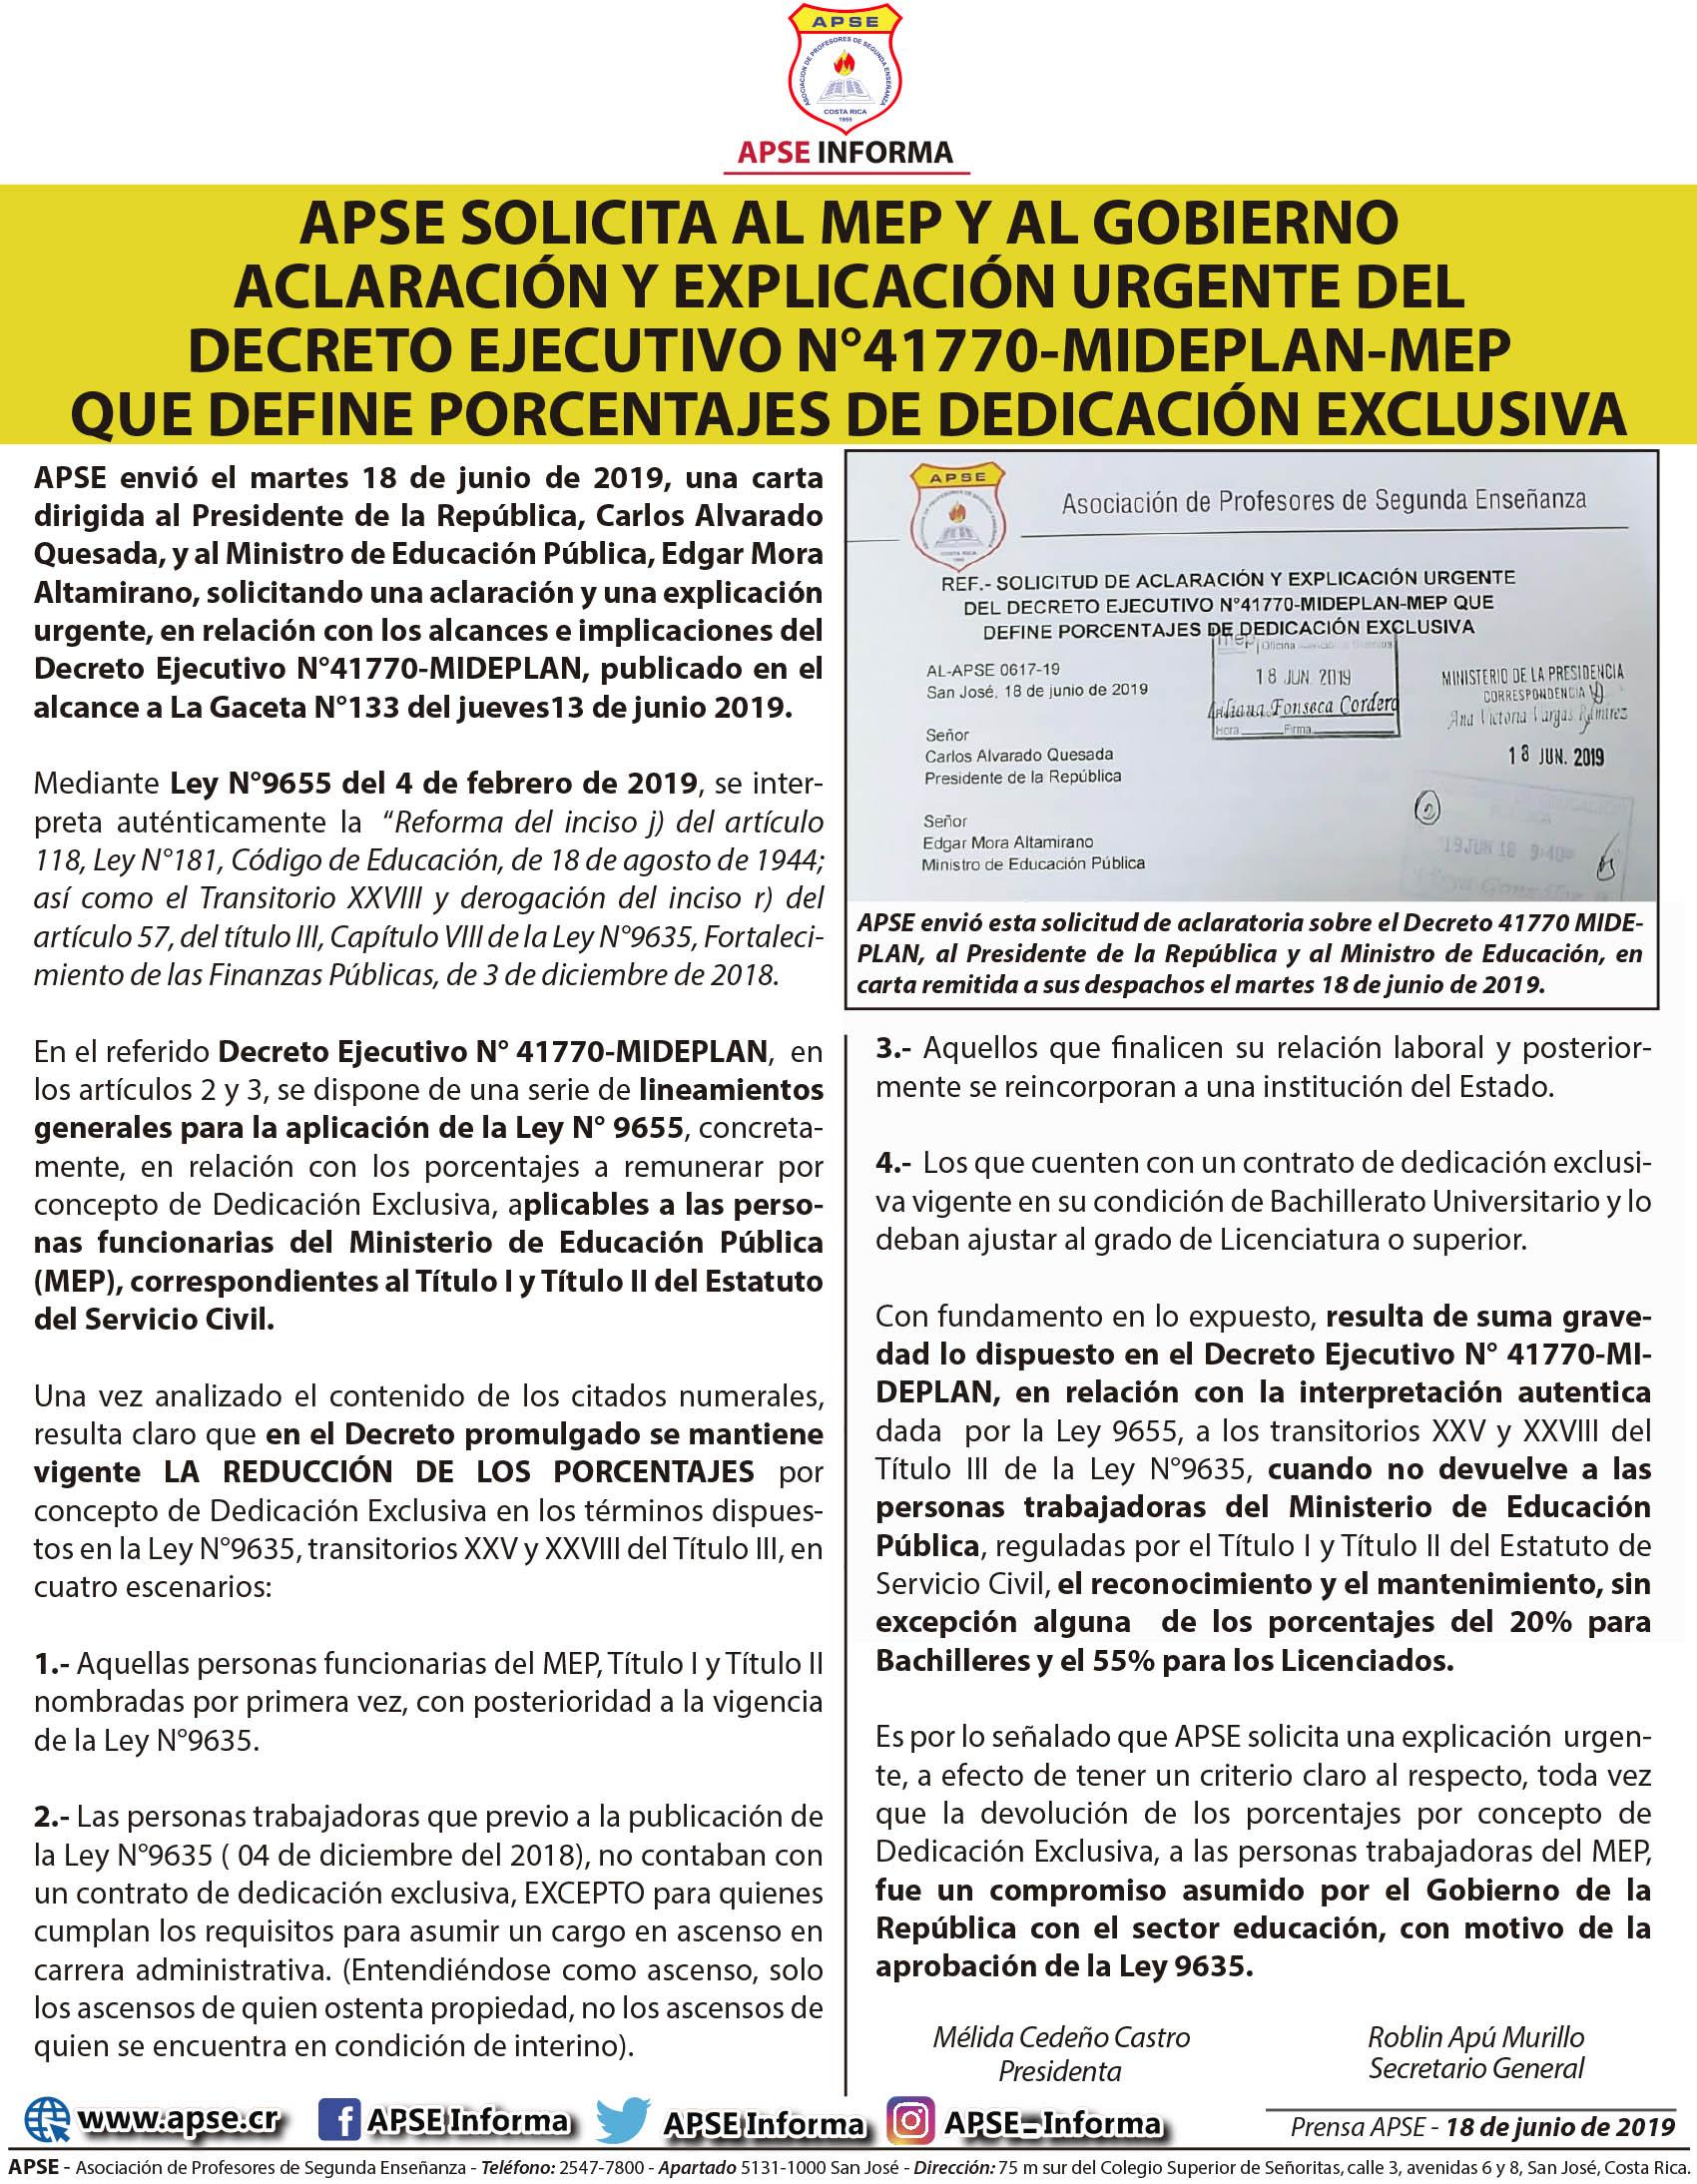 APSE SOLICITA AL MEP Y AL GOBIERNO ACLARACIÓN Y EXPLICACIÓN URGENTE DEL DECRETO EJECUTIVO N°41770-MIDEPLAN-MEP QUE DEFINE PORCENTAJES DE DEDICACIÓN EXCLUSIVA